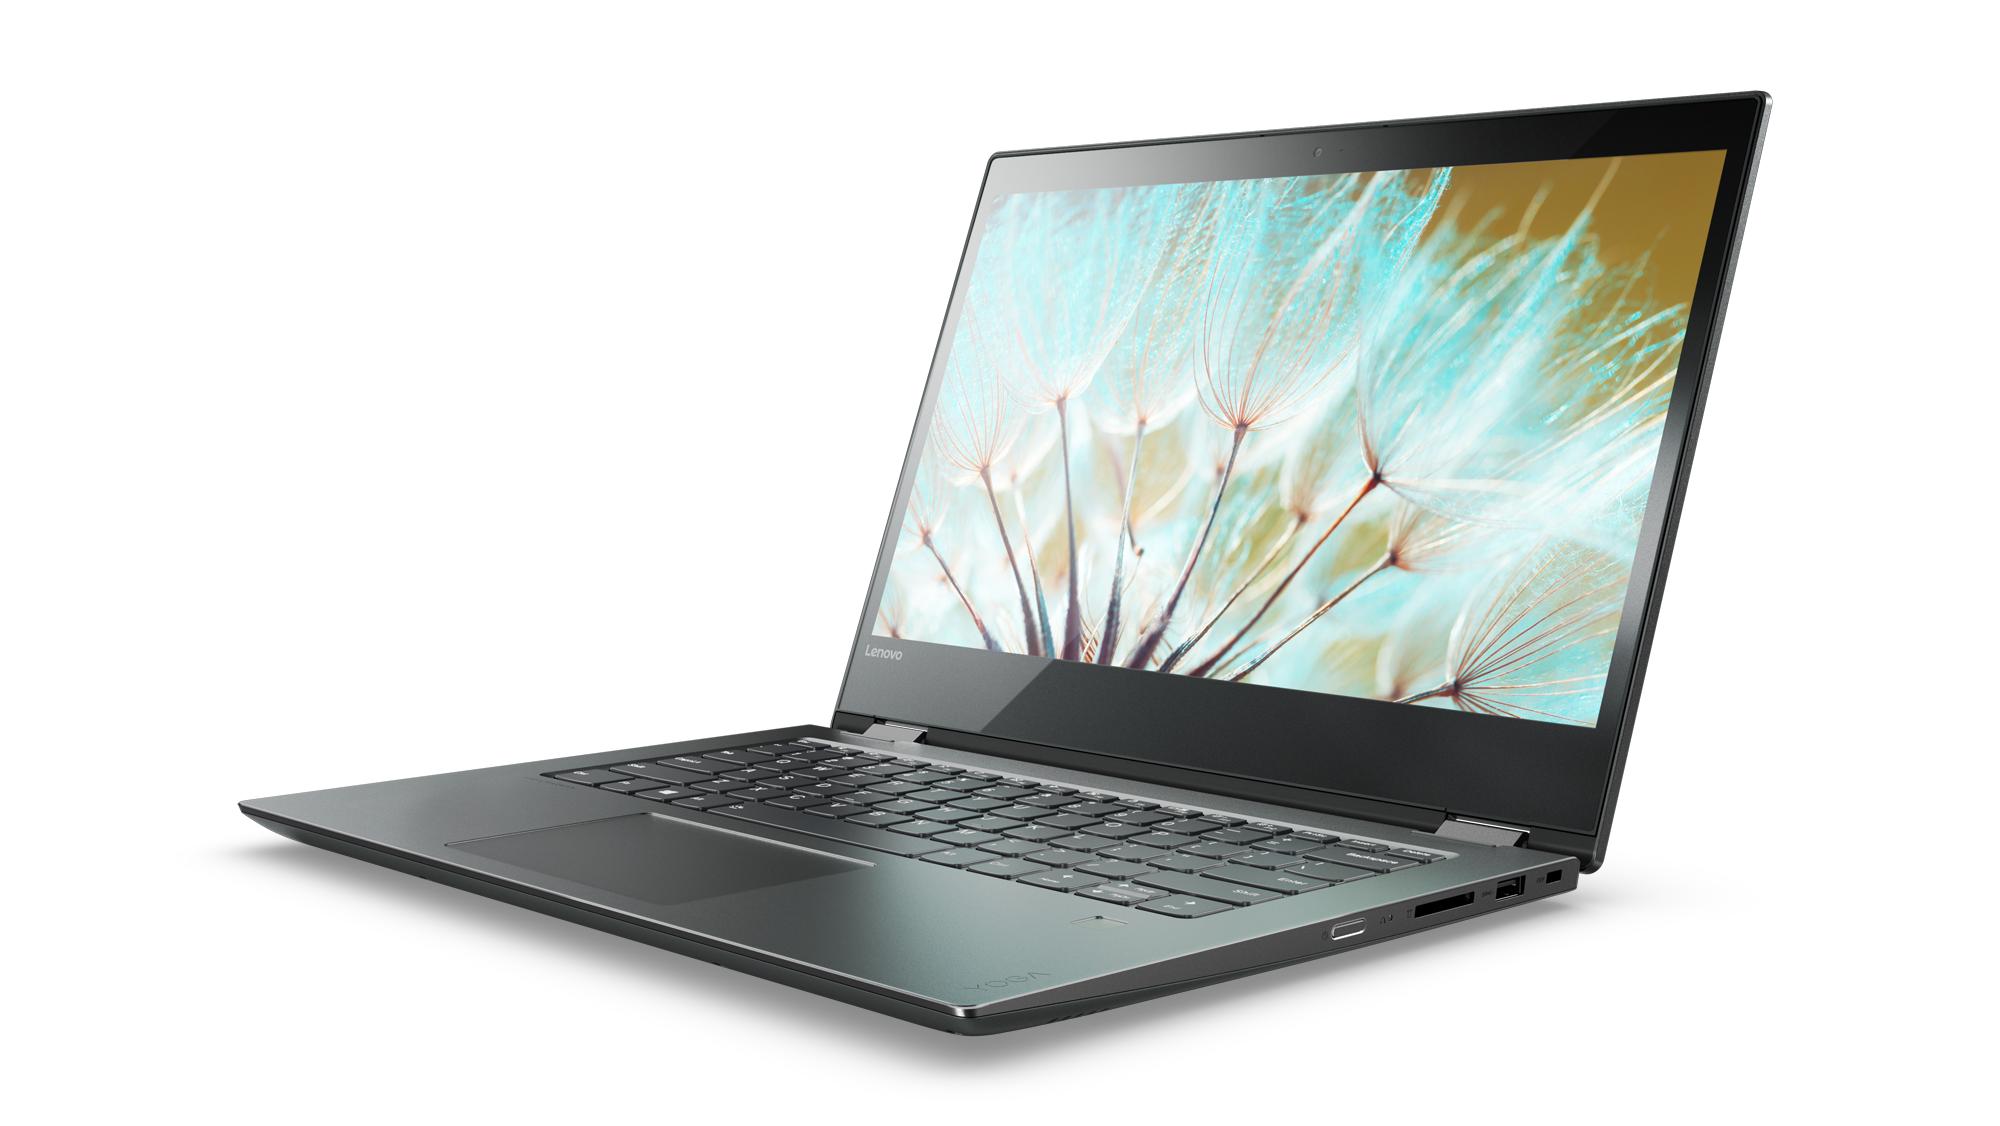 Lenovo IdeaPad YOGA 520-14IKB 14.0 FHD IPS AG T/i7-7500U/8G/1TB+128G/NV2G/W10H/Backlit/Černá